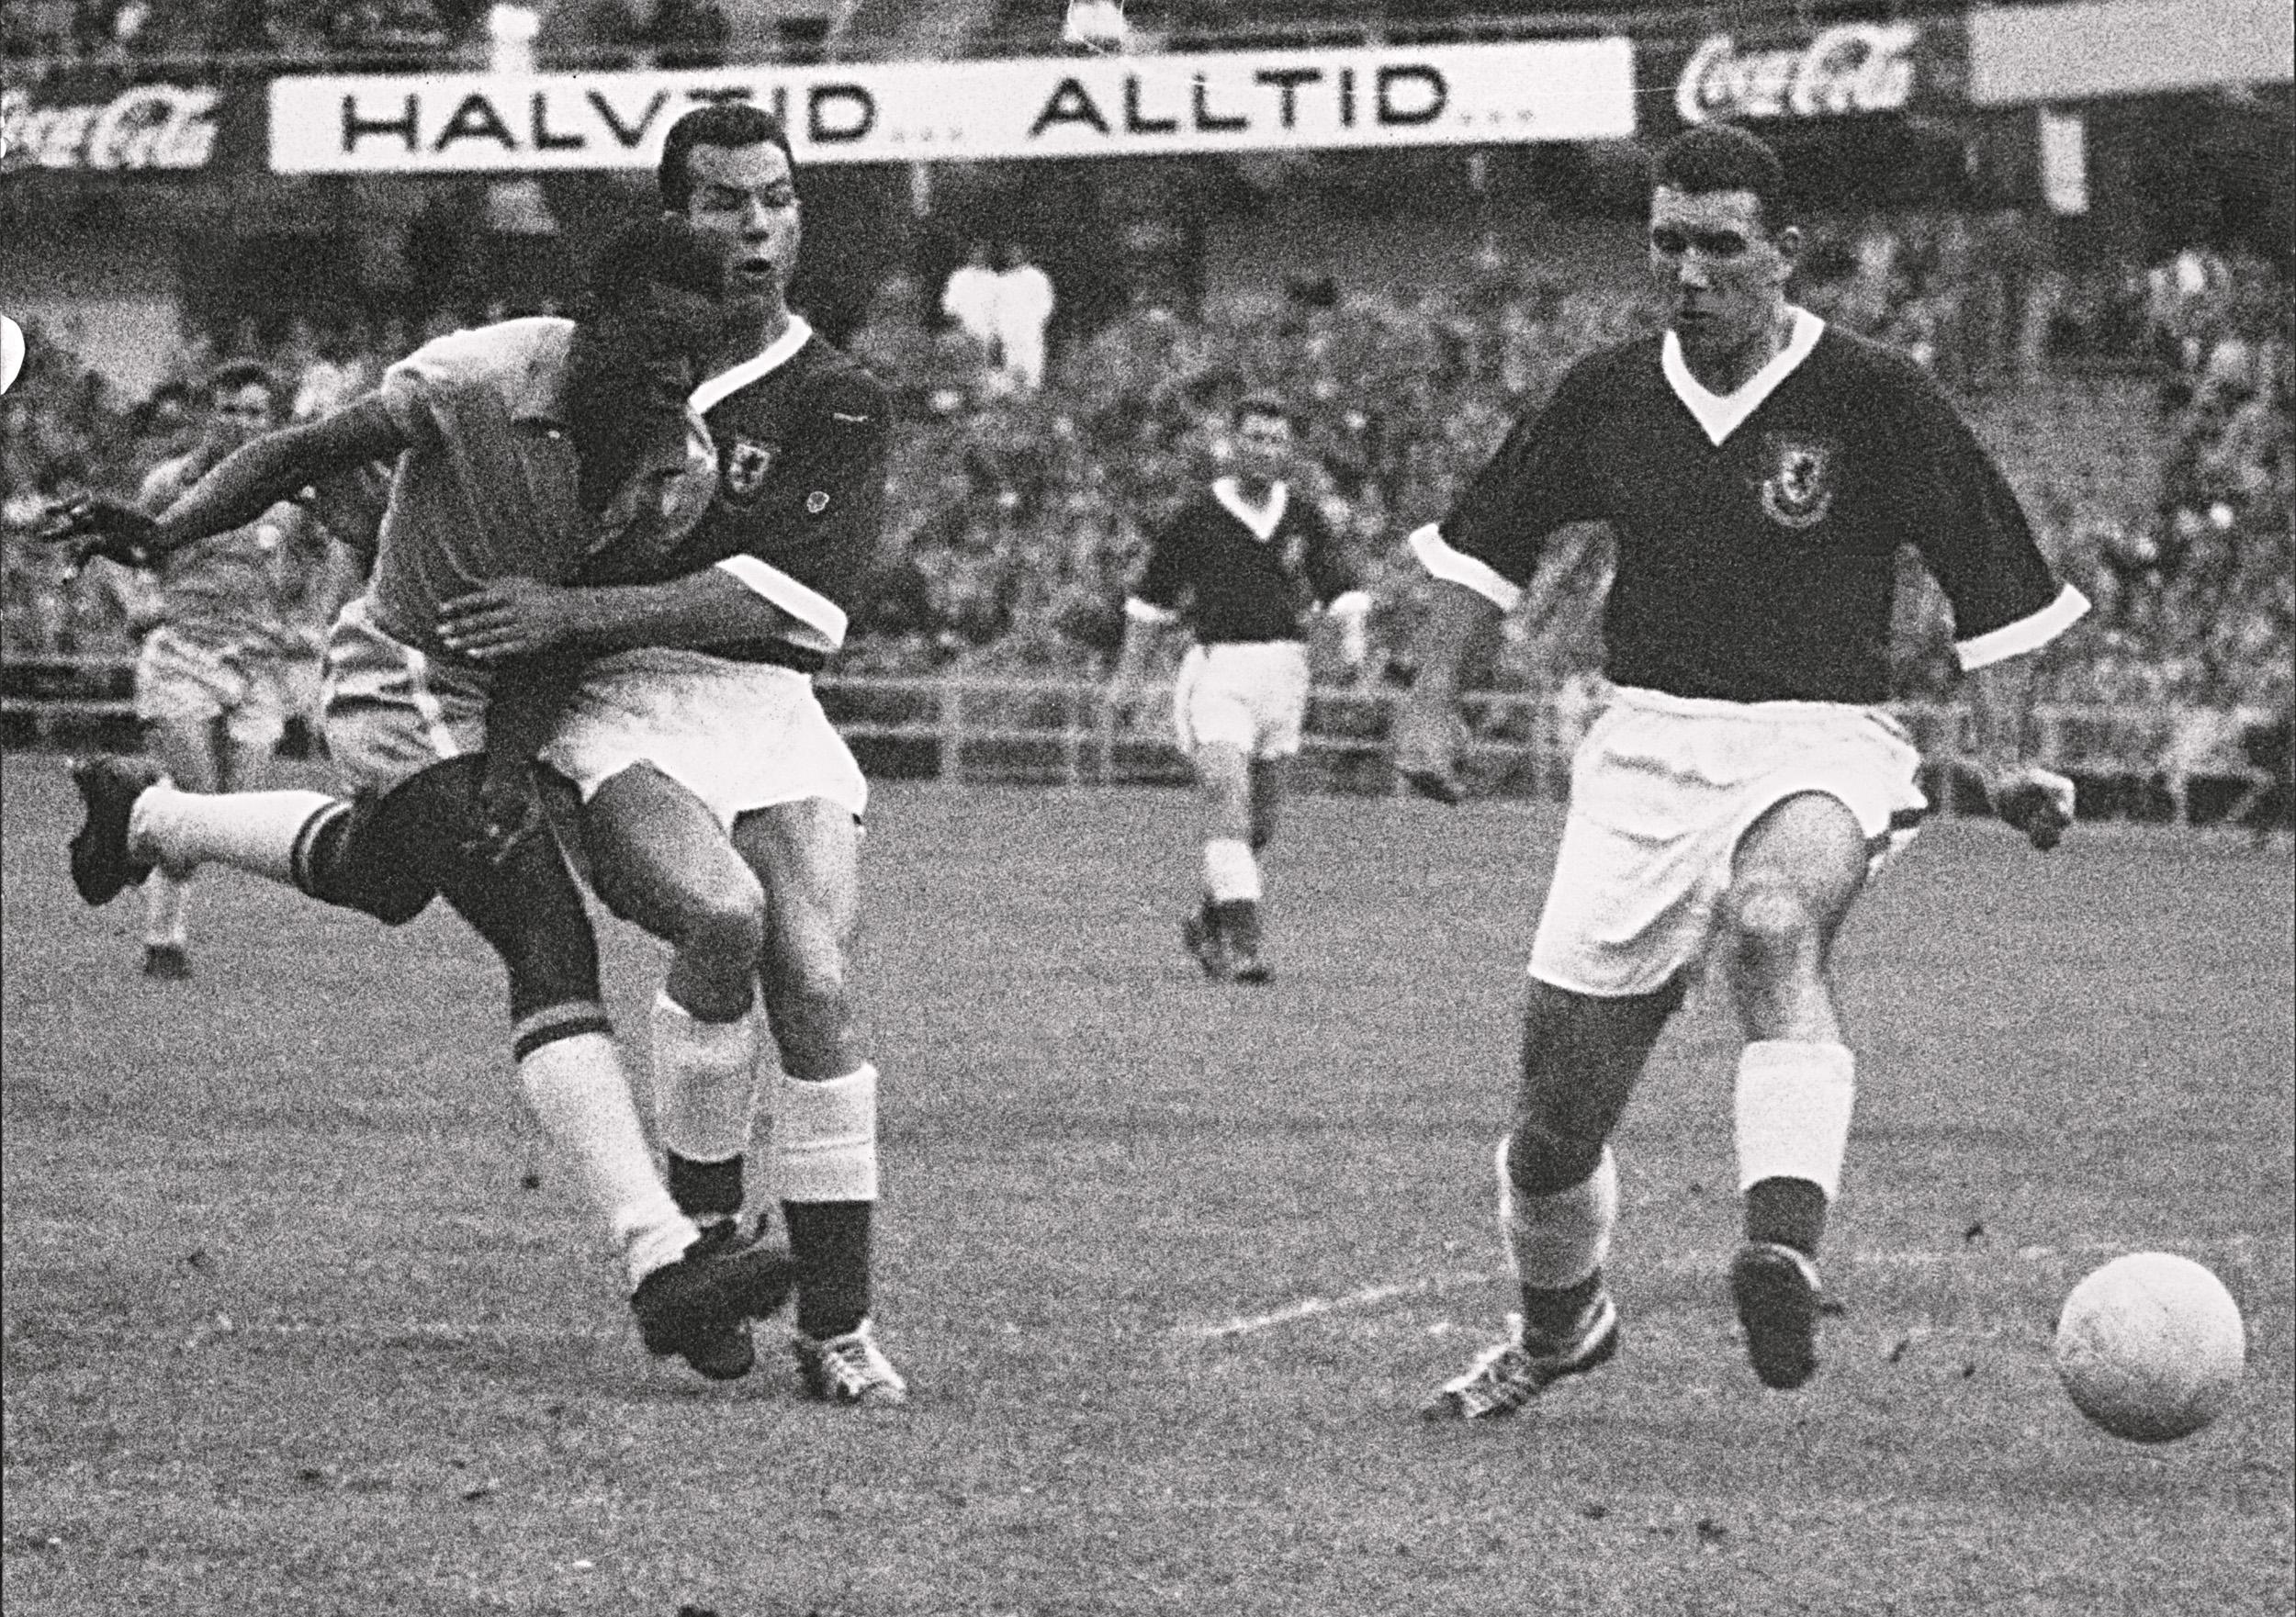 Pele (Brazil v Sweden - 1958)